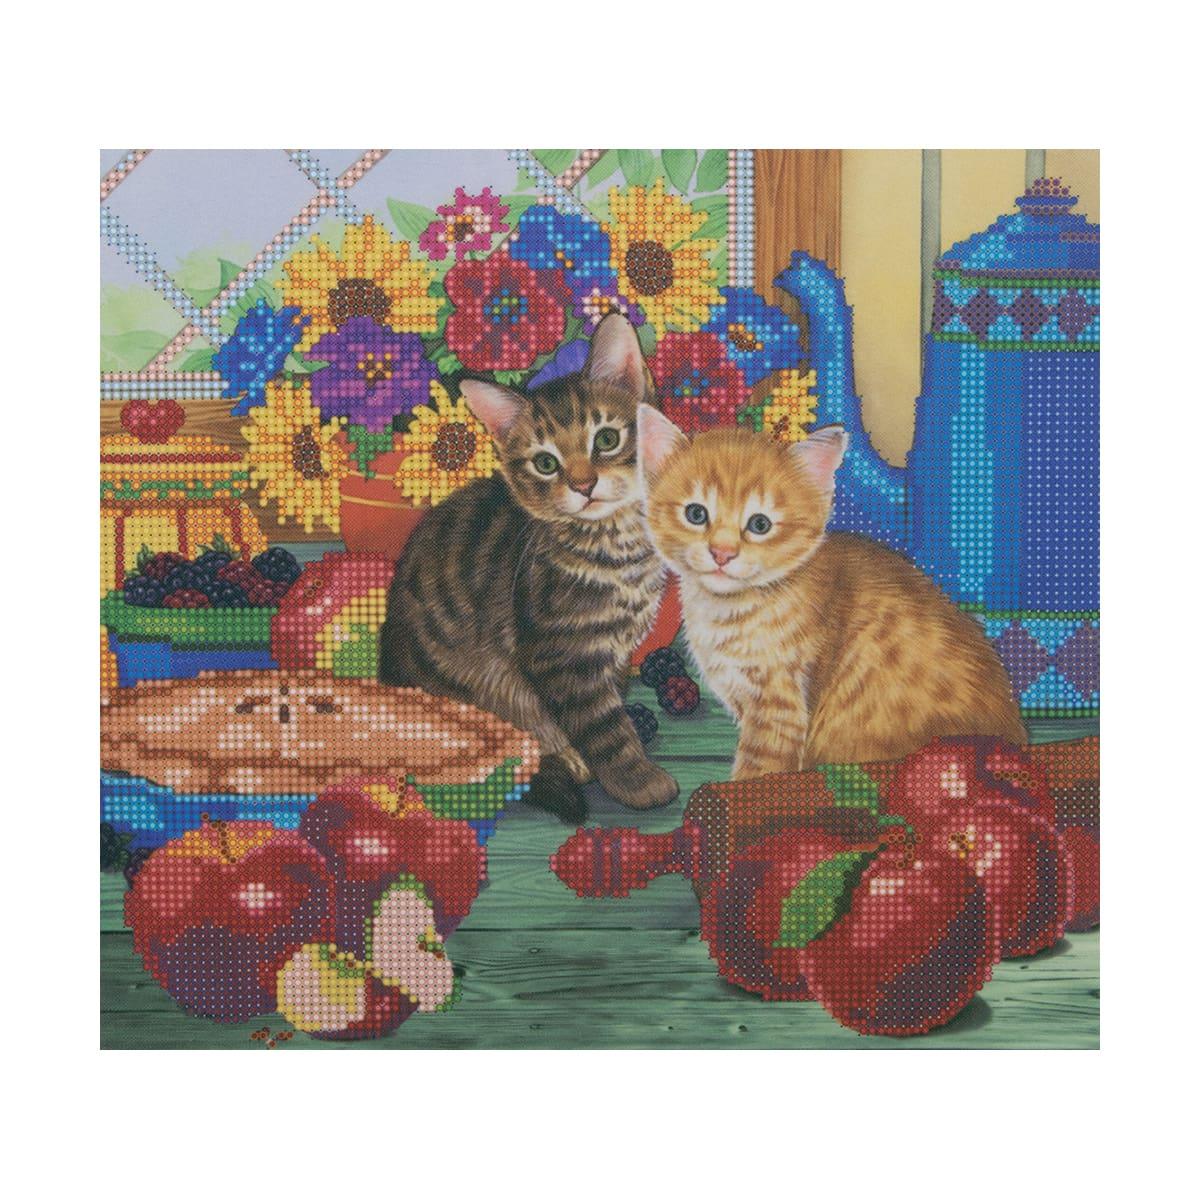 НР-3022 Канва с рисунком для вышивания бисером 'Кот на кухне' Hobby&Pro 25*22см